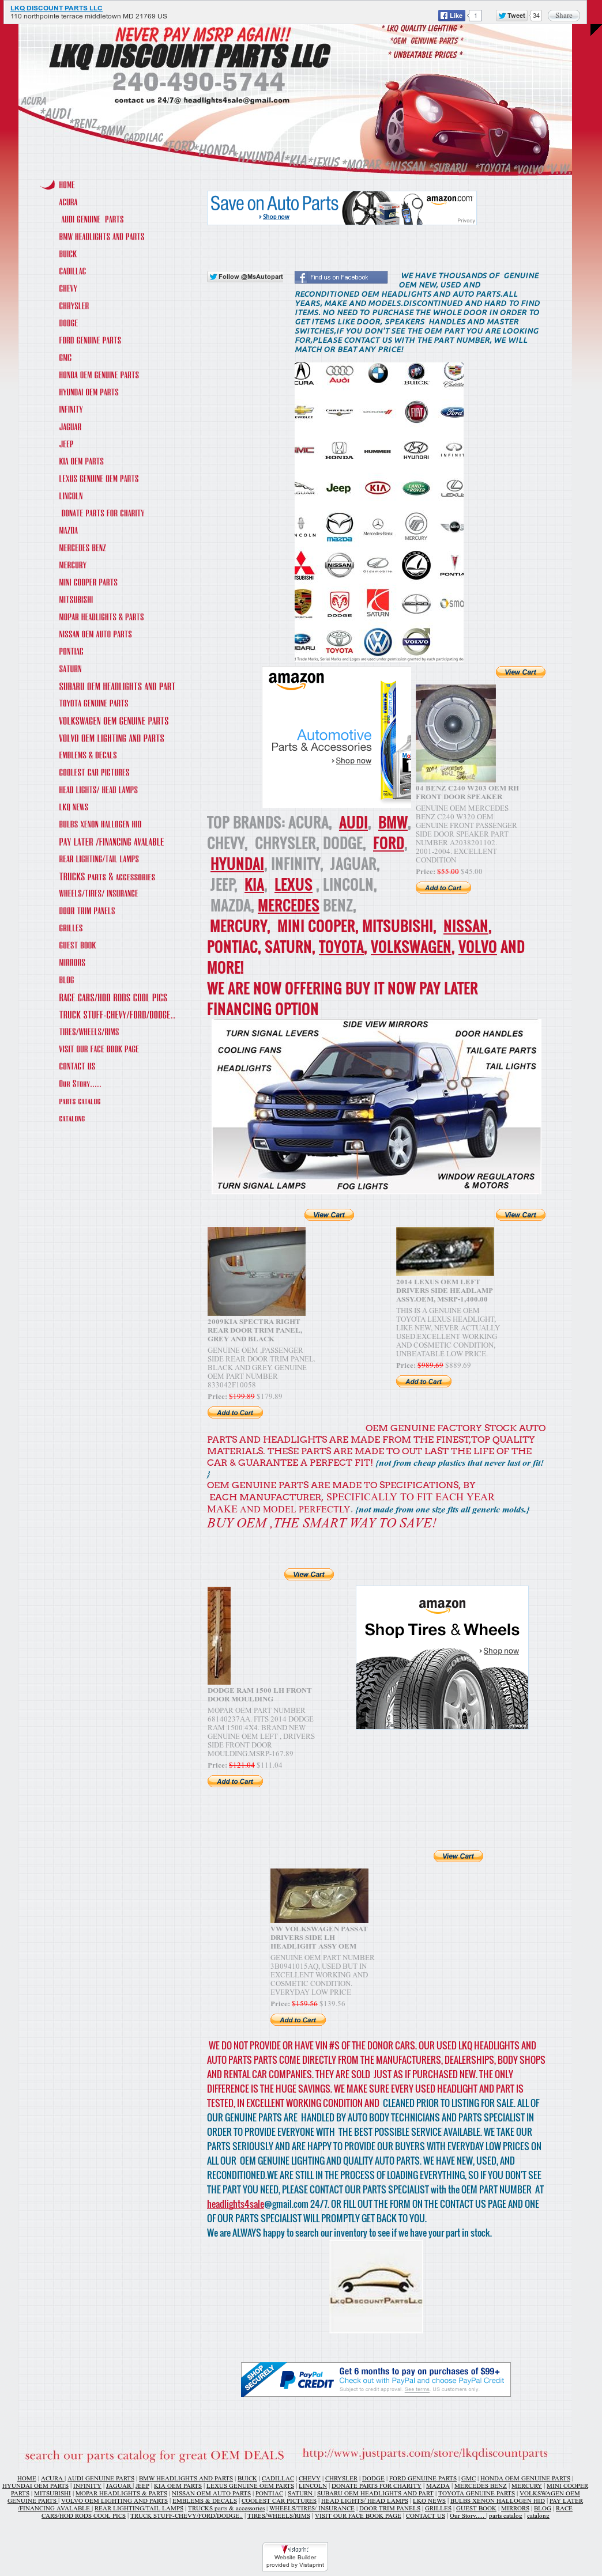 Lkq Discount Parts Llc / Www lkqdiscountparts Competitors, Revenue